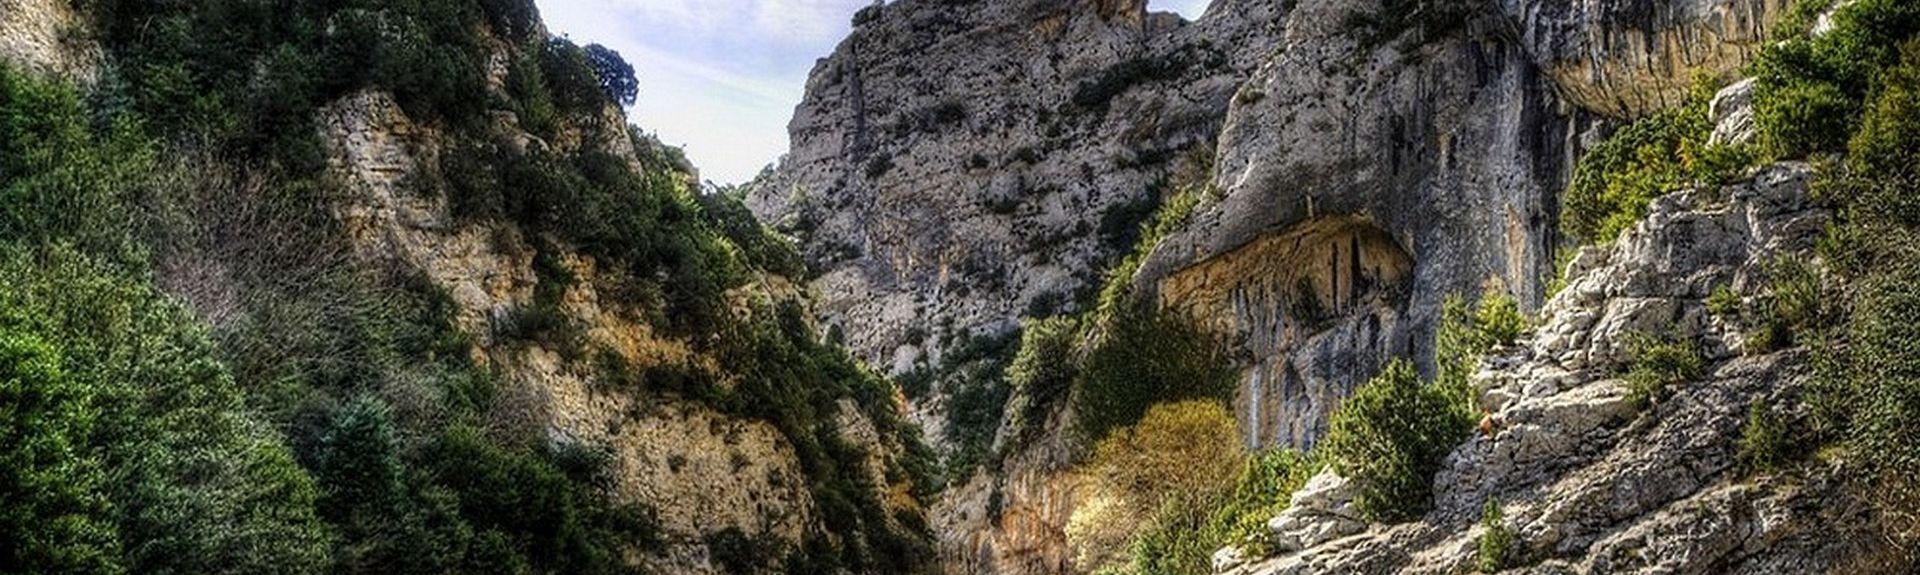 Alquézar, Huesca, Spain